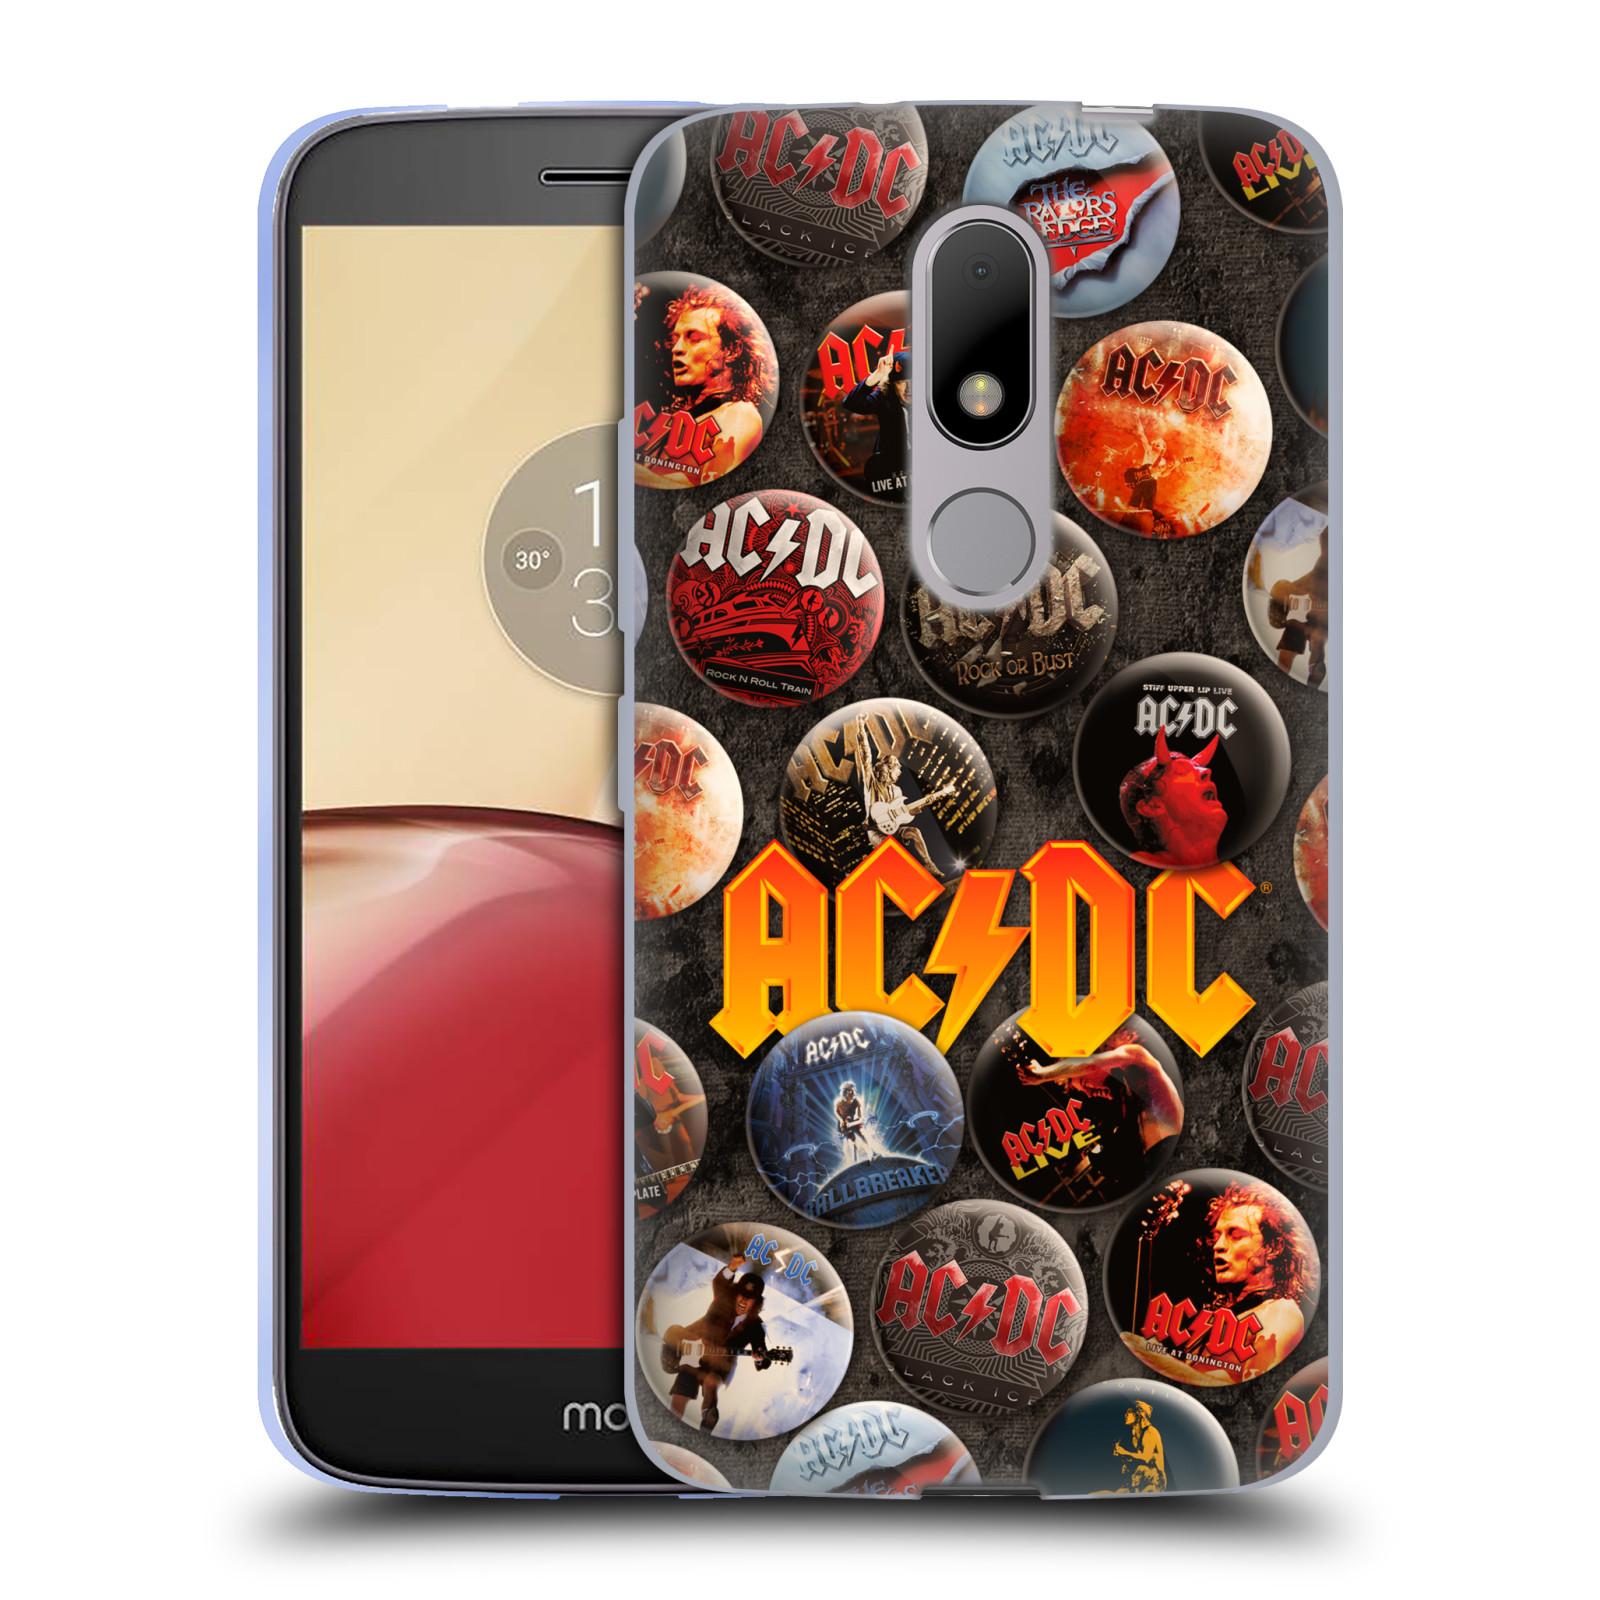 Silikonové pouzdro na mobil Lenovo Moto M - Head Case AC/DC Placky (Silikonový kryt či obal na mobilní telefon s oficiálním motivem australské skupiny AC/DC pro Lenovo Moto M (Dual Sim))